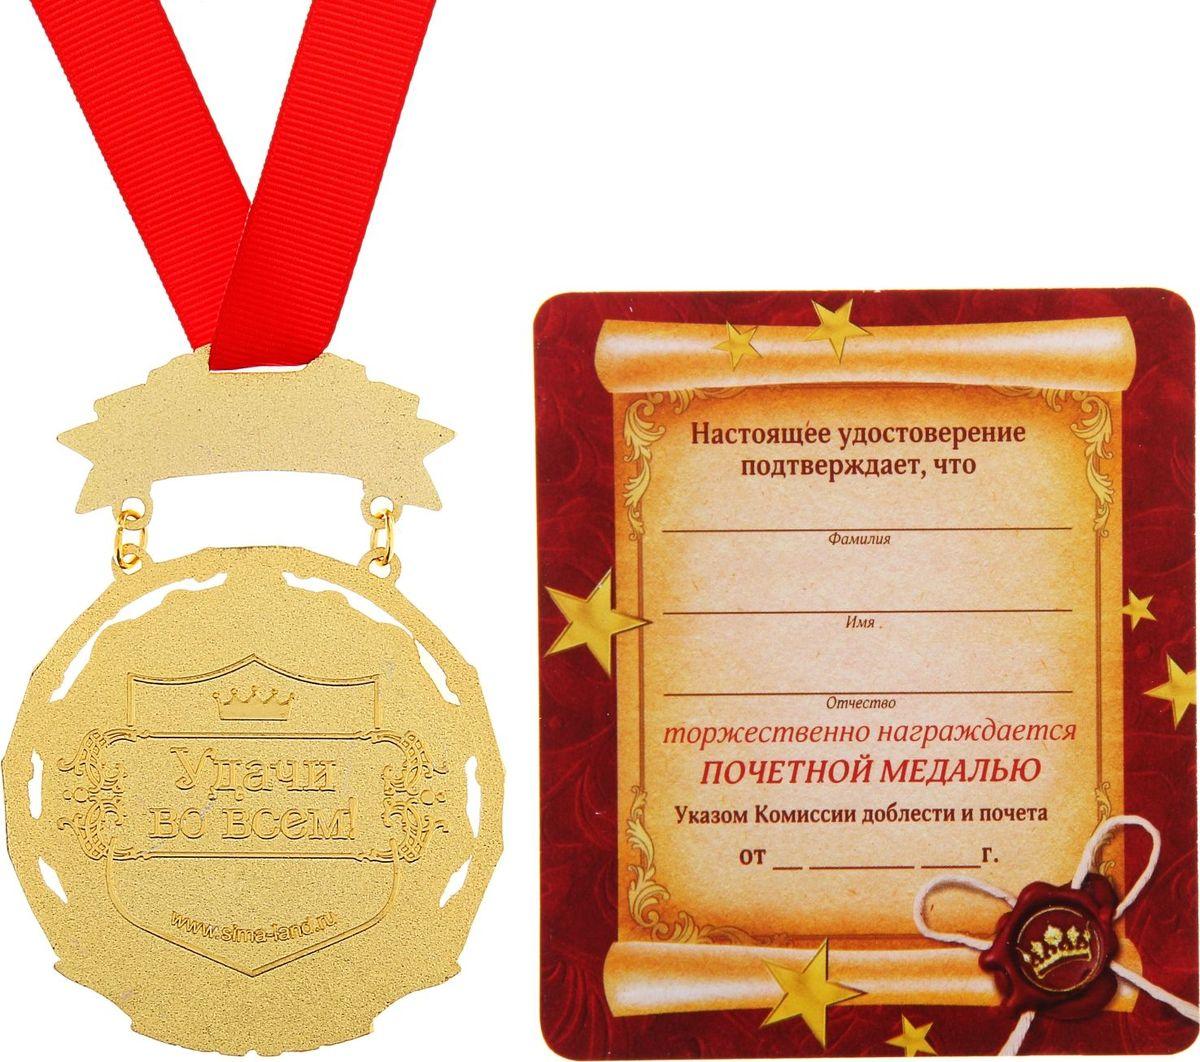 Поздравление инструкция к медали